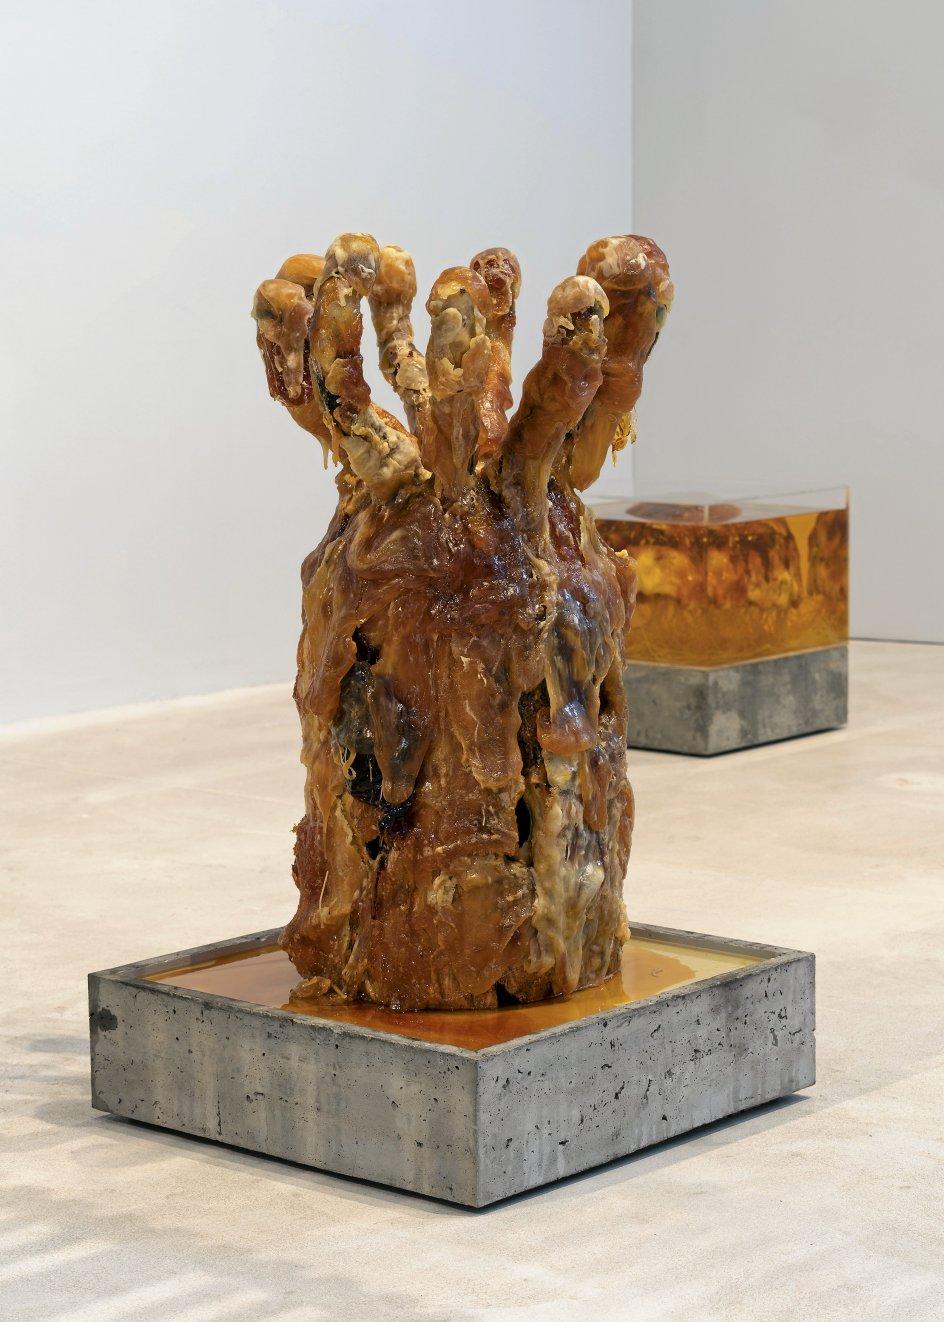 Silas Inoue (født 1981), der forholder sig til klimakrisen, dyrker nye skulpturformer via mugsvampe, sukker og fritureolie. Hans organiske skulpturer rummer en anderledes og syret, men fascinerende skønhed. –